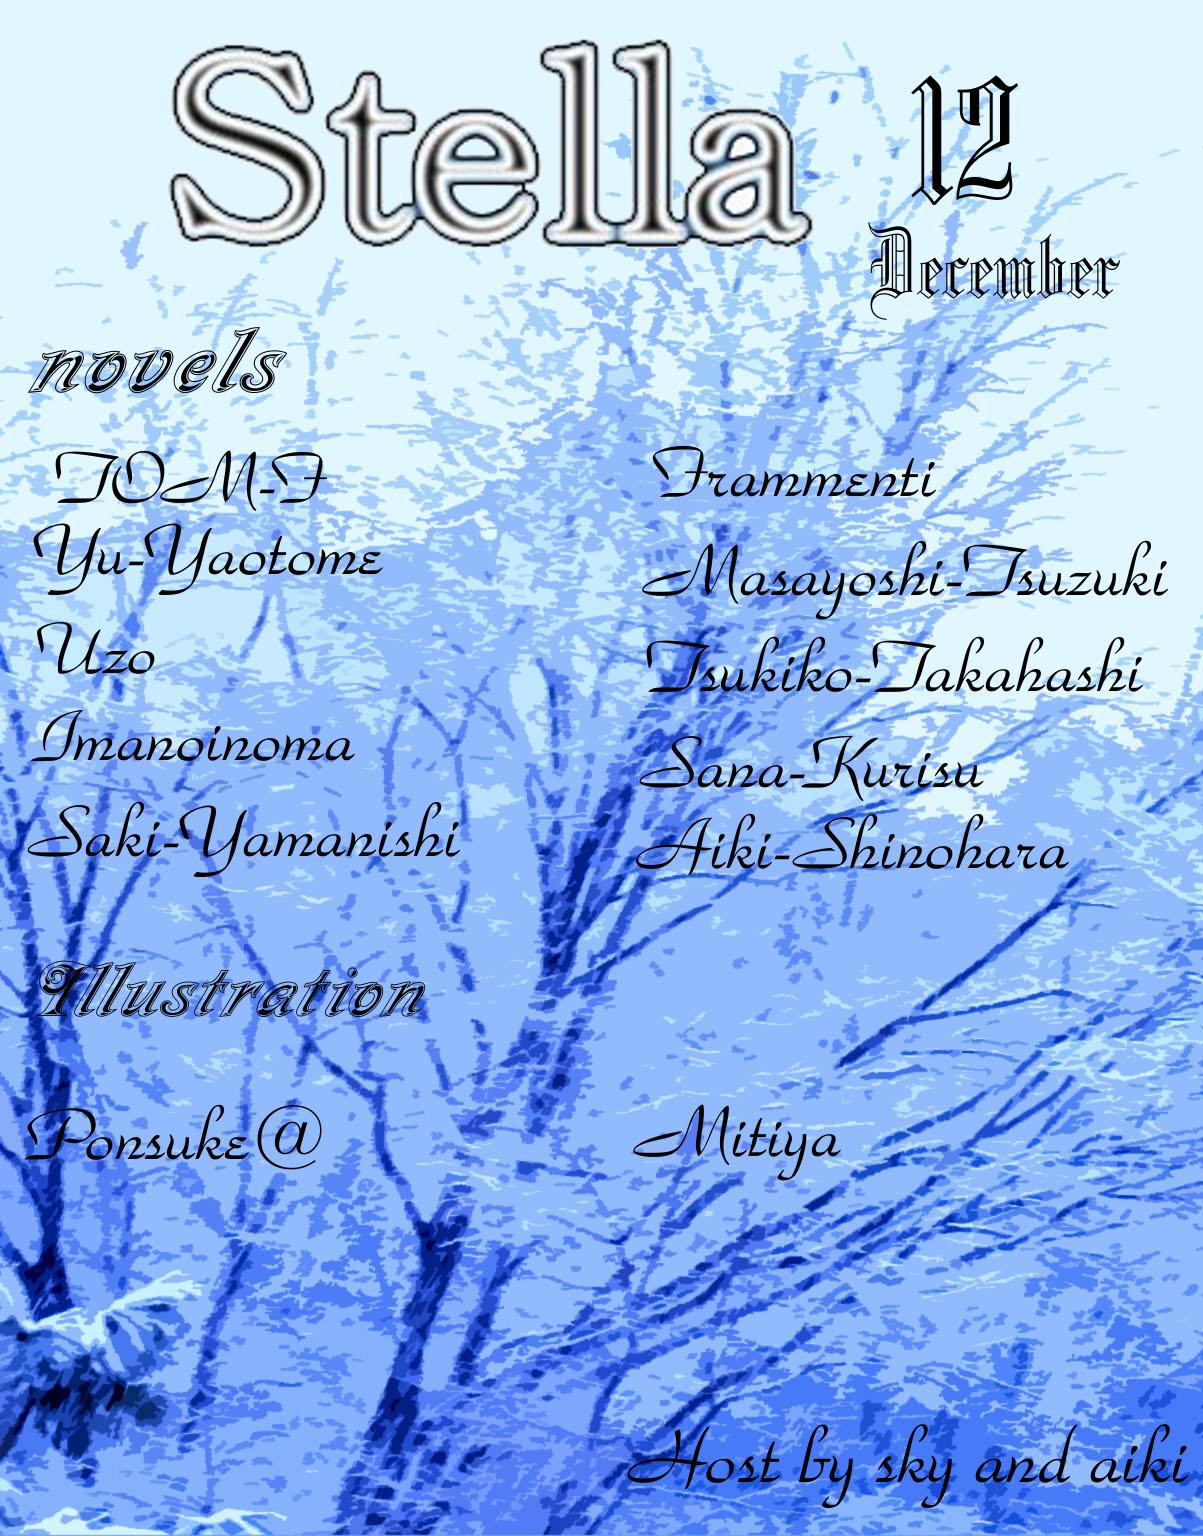 ステルラ12